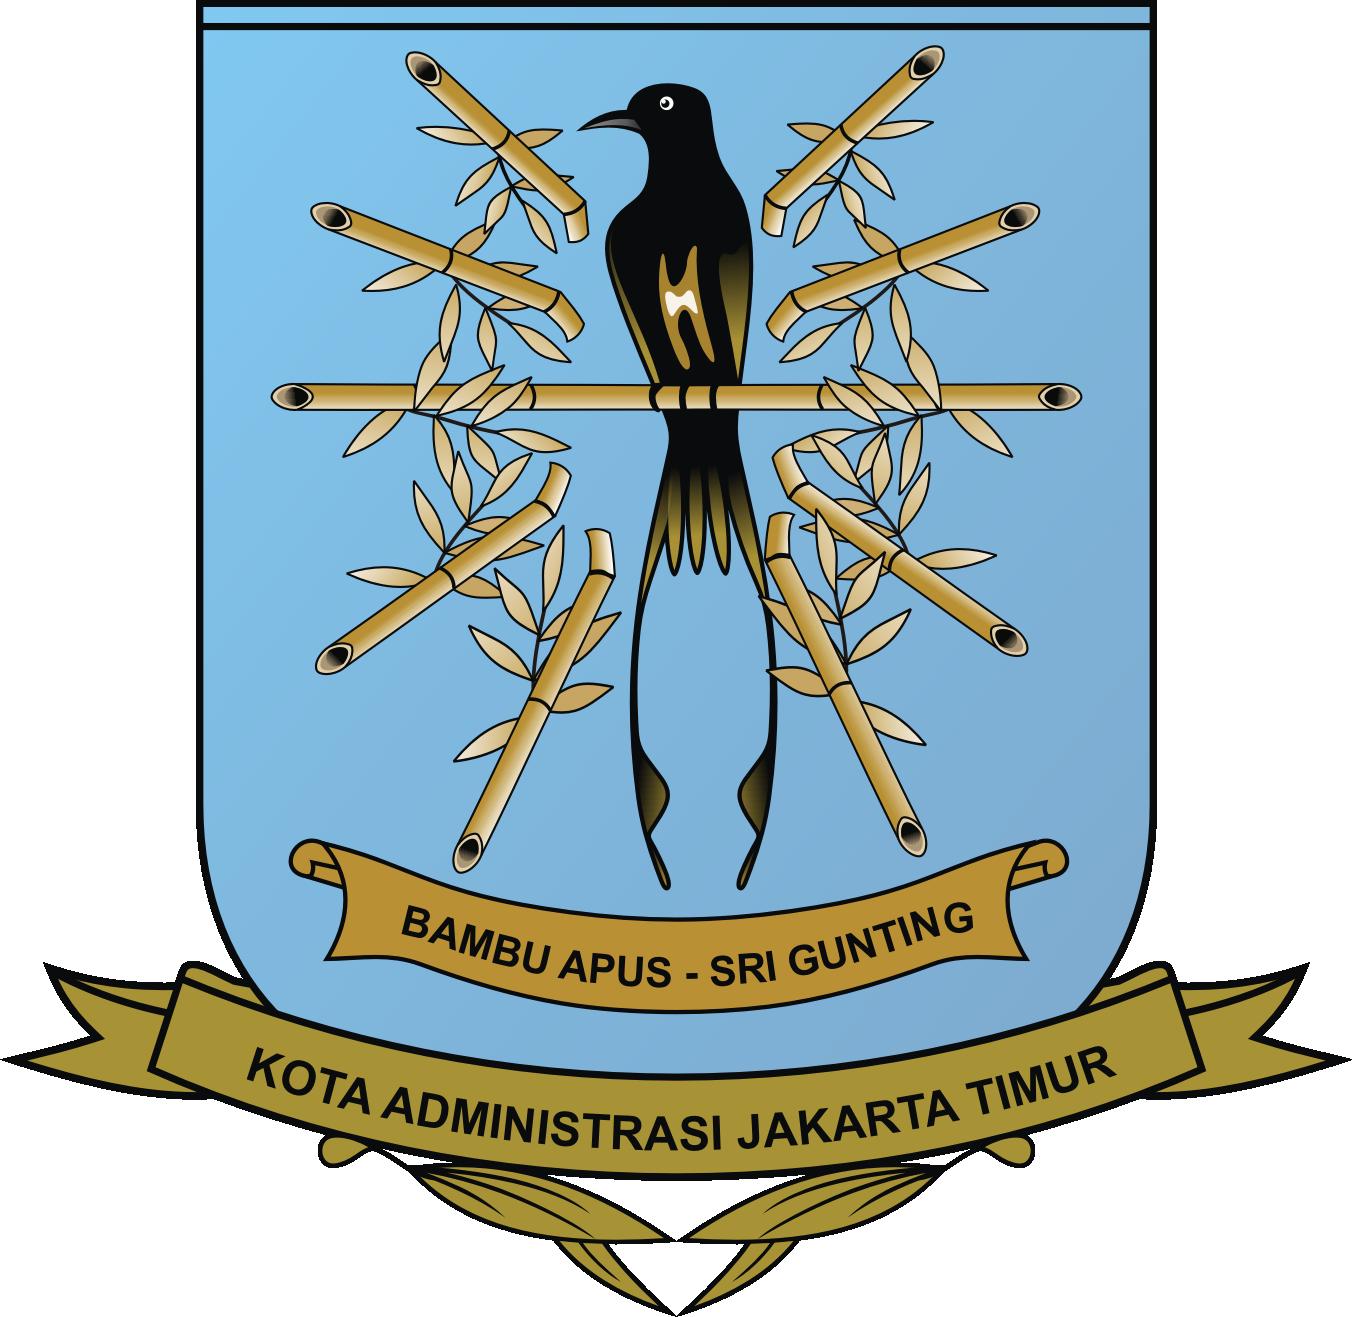 File Lambang Kota Jakarta Timur Png Wikimedia Commons